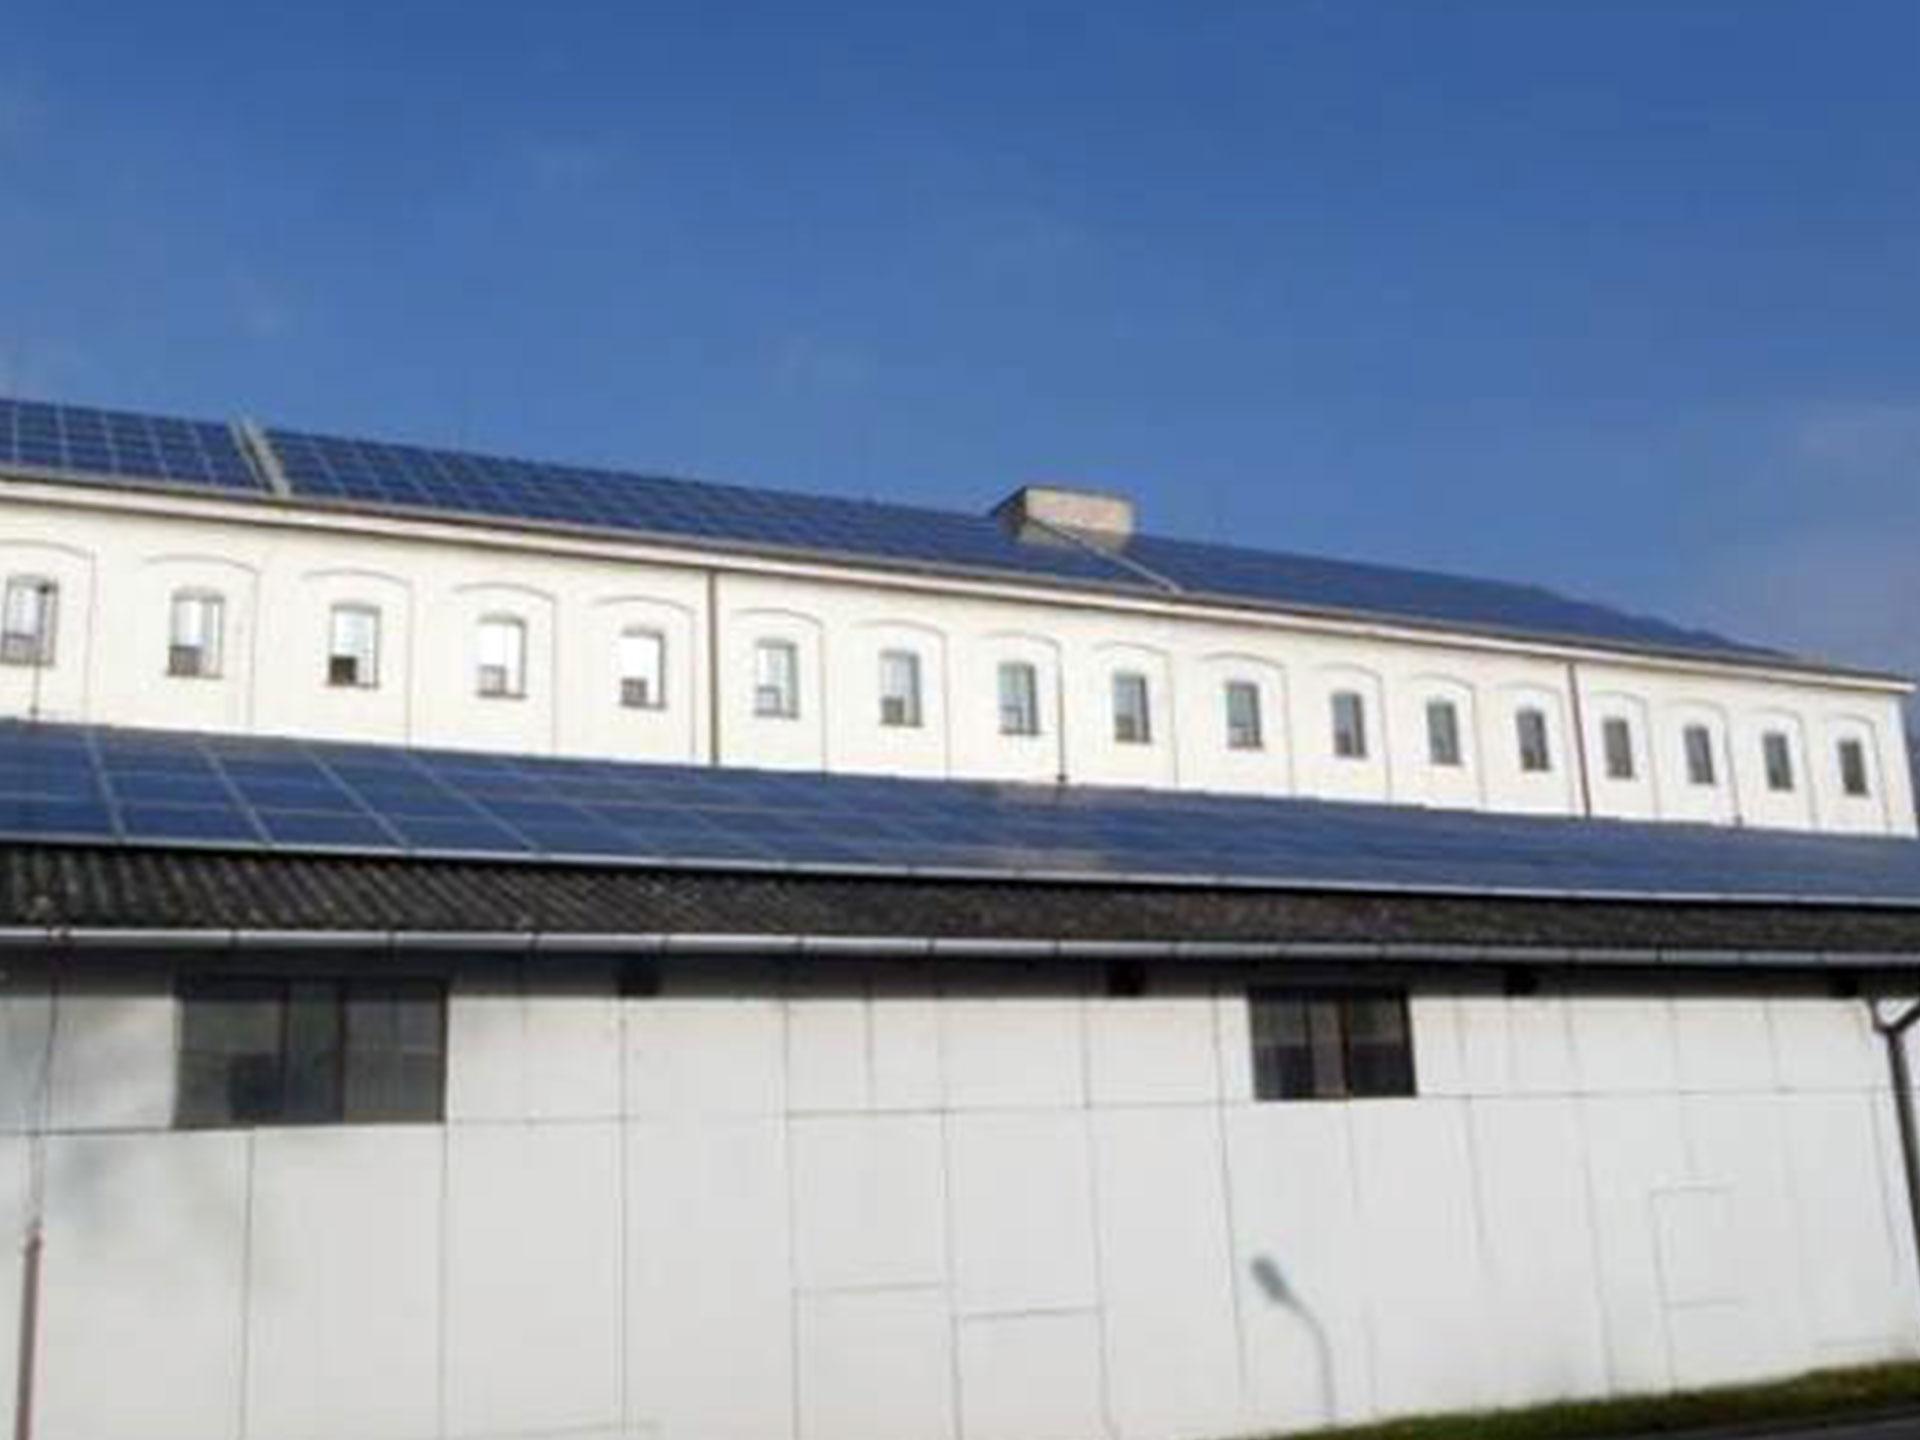 Výrobní závod Hodonín - Instalace fotovoltaické elektrárny o výkonu 230 kWp.